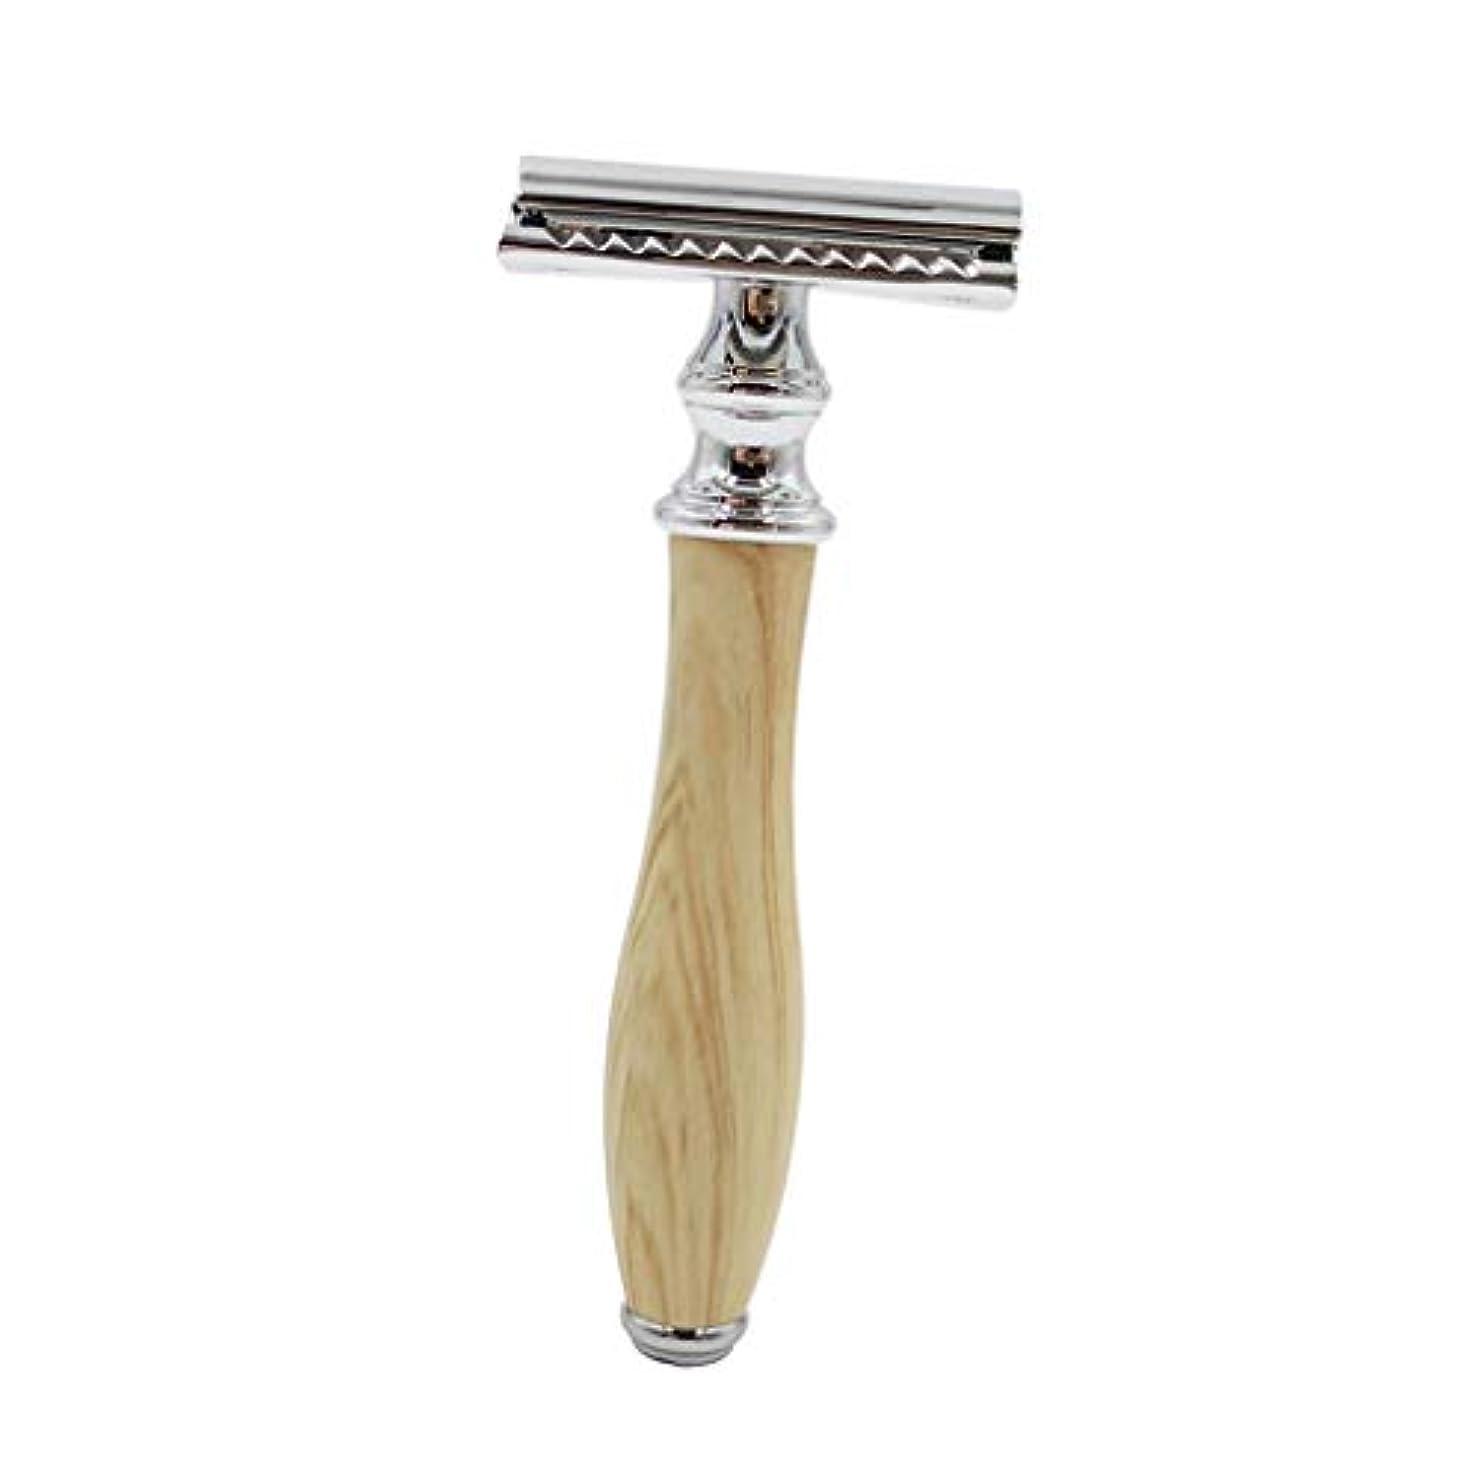 建てる新着幽霊剃刀 男性 手動シェーバー ダブルエッジ シェービングかみそり 快適な ひげ剃り 全2色 - ベージュ